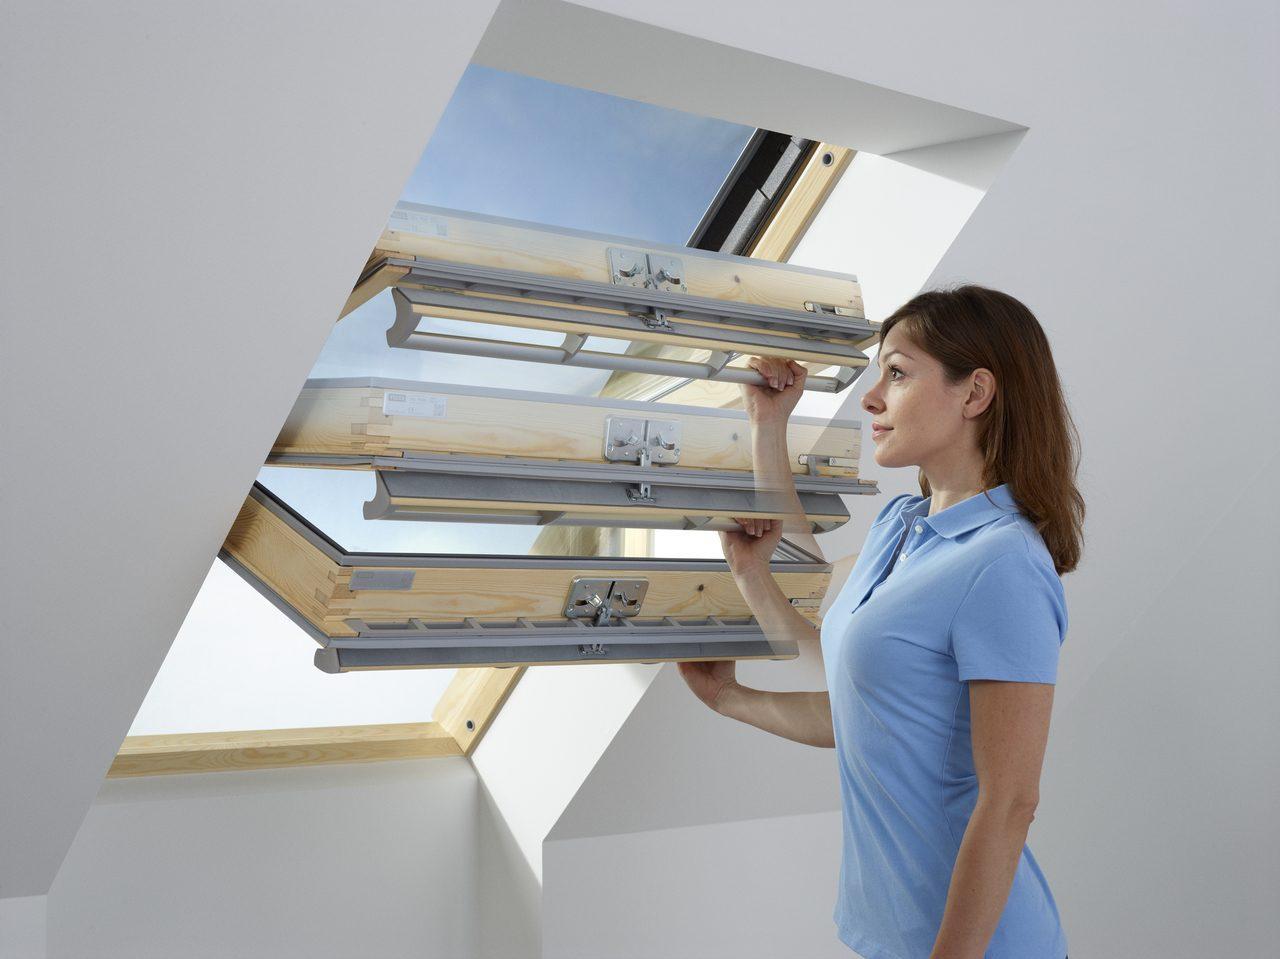 Come fare per fermare la condensa in mansarda - Quanto costa una finestra velux ...